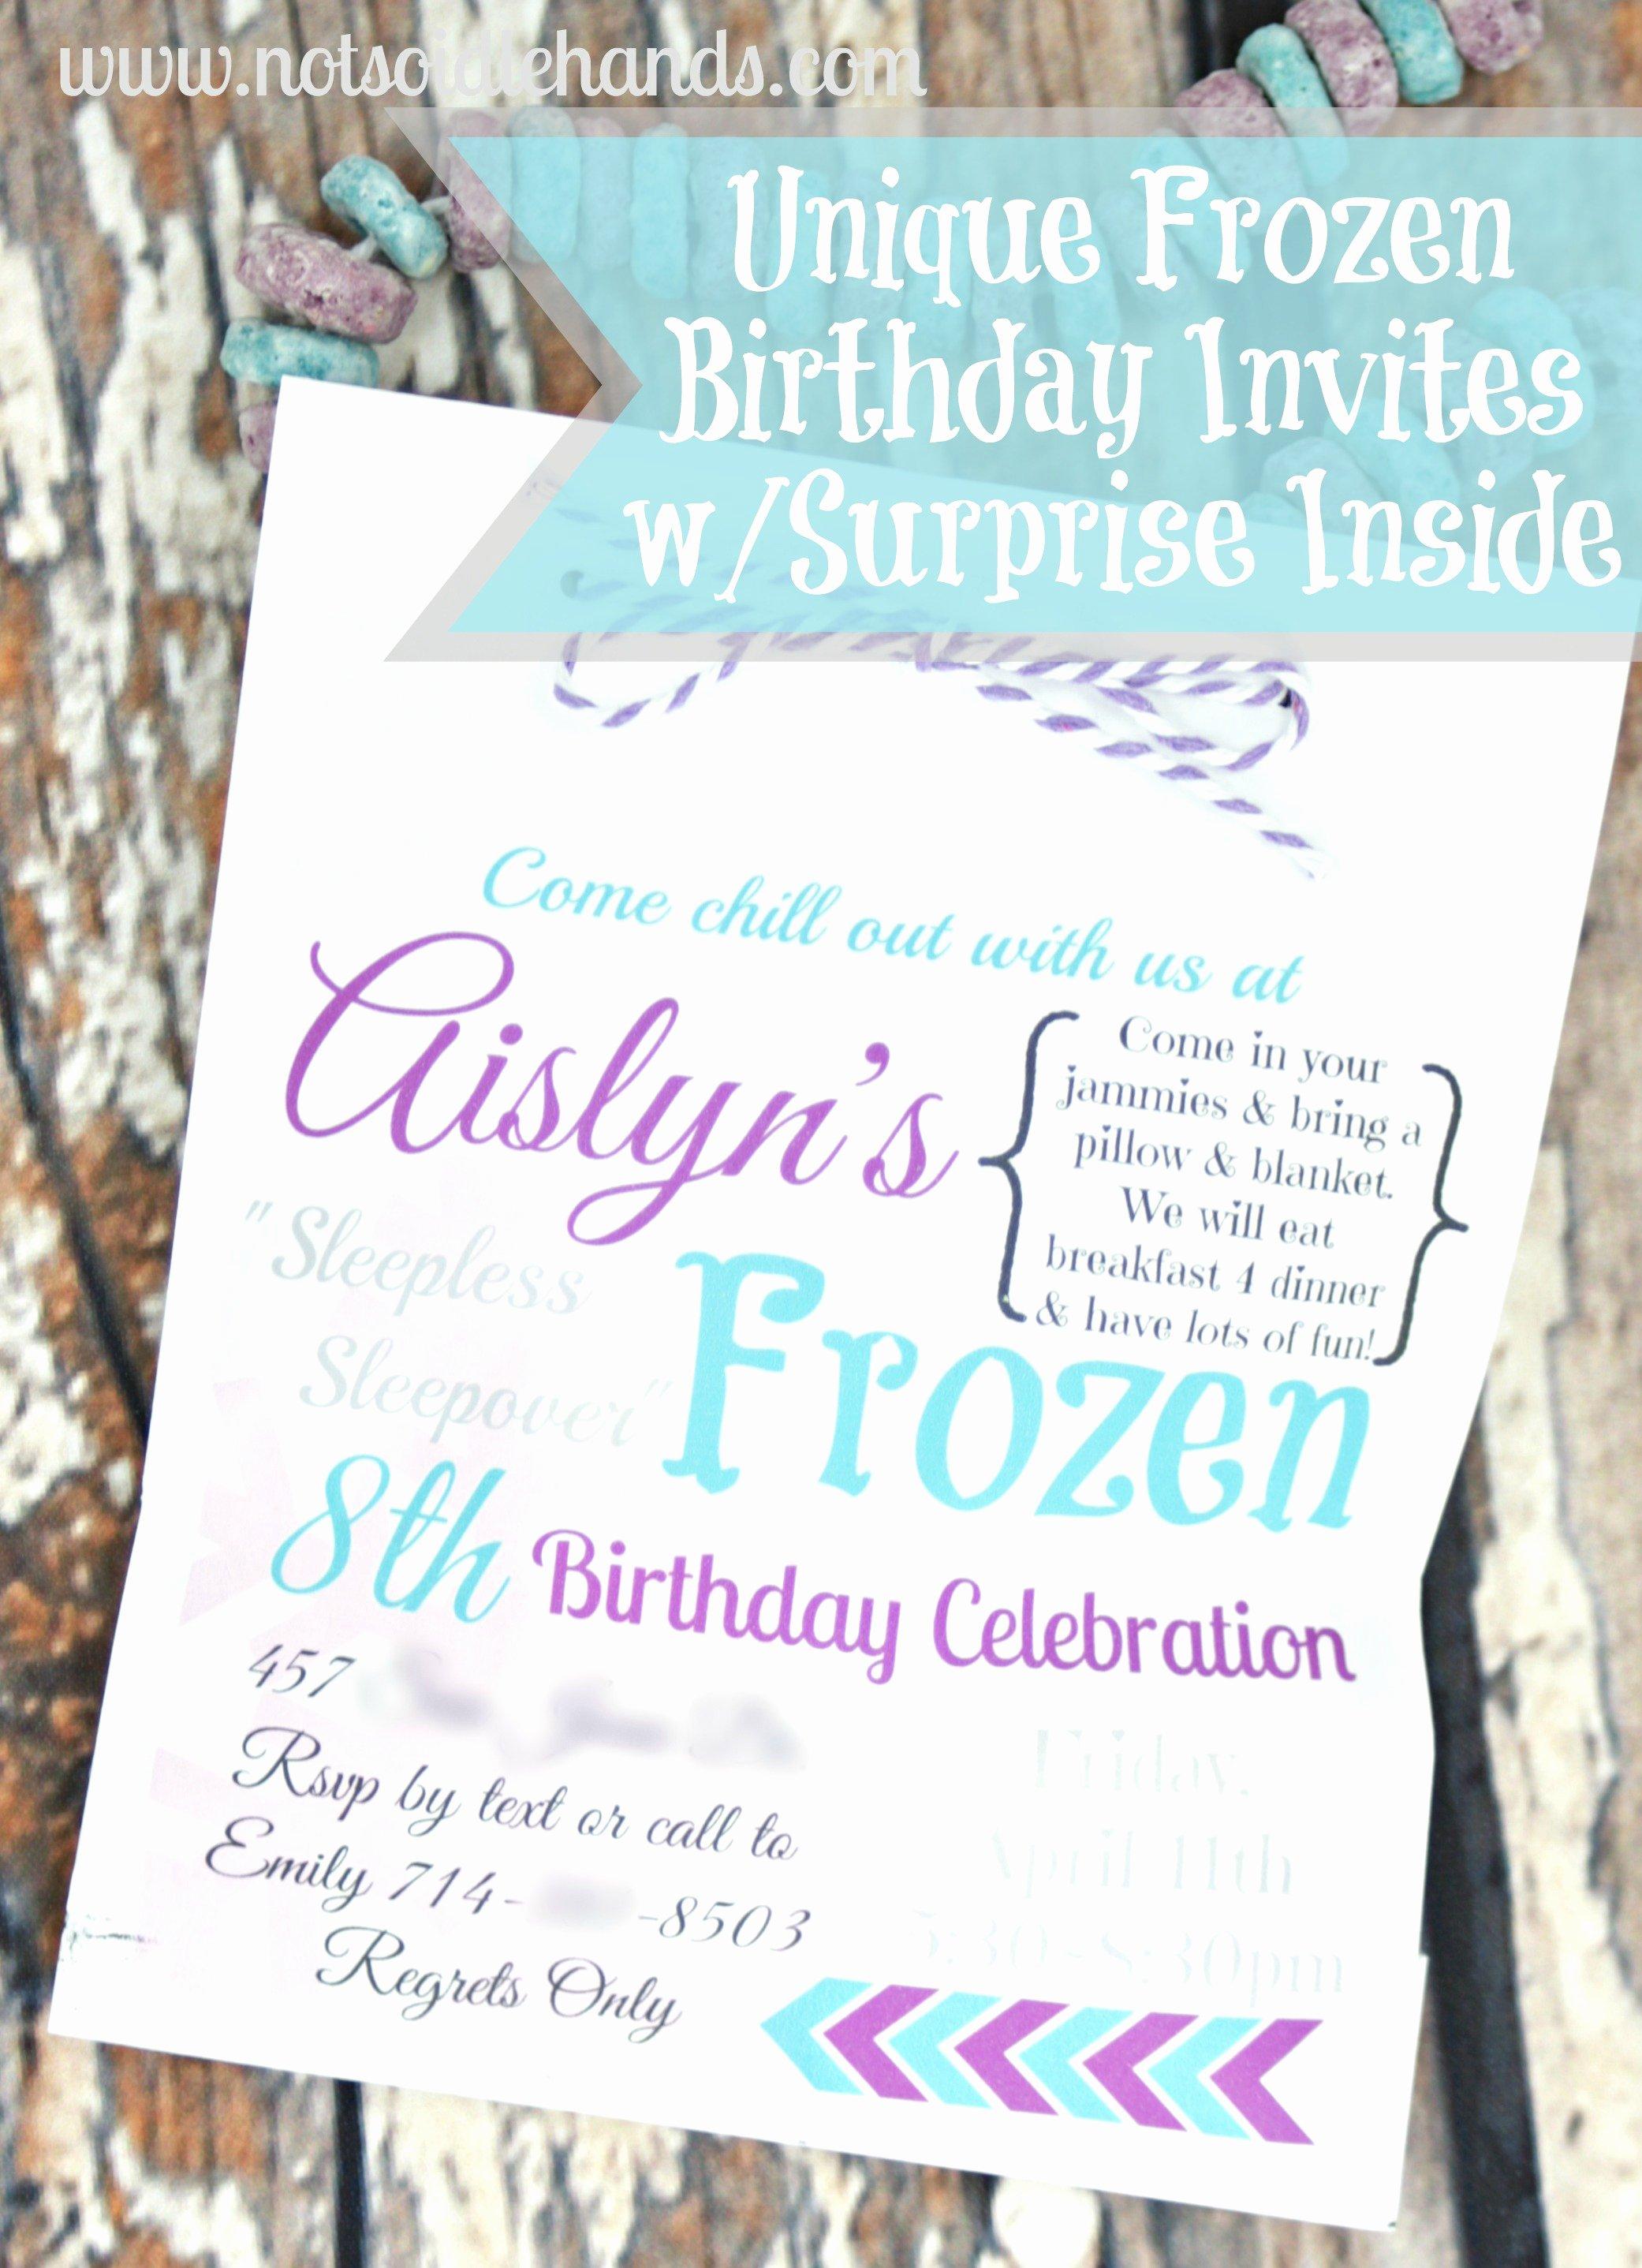 Frozen Bday Party Invites Fresh Unique Frozen Birthday Party Invites with Treat Inside Party Part 2